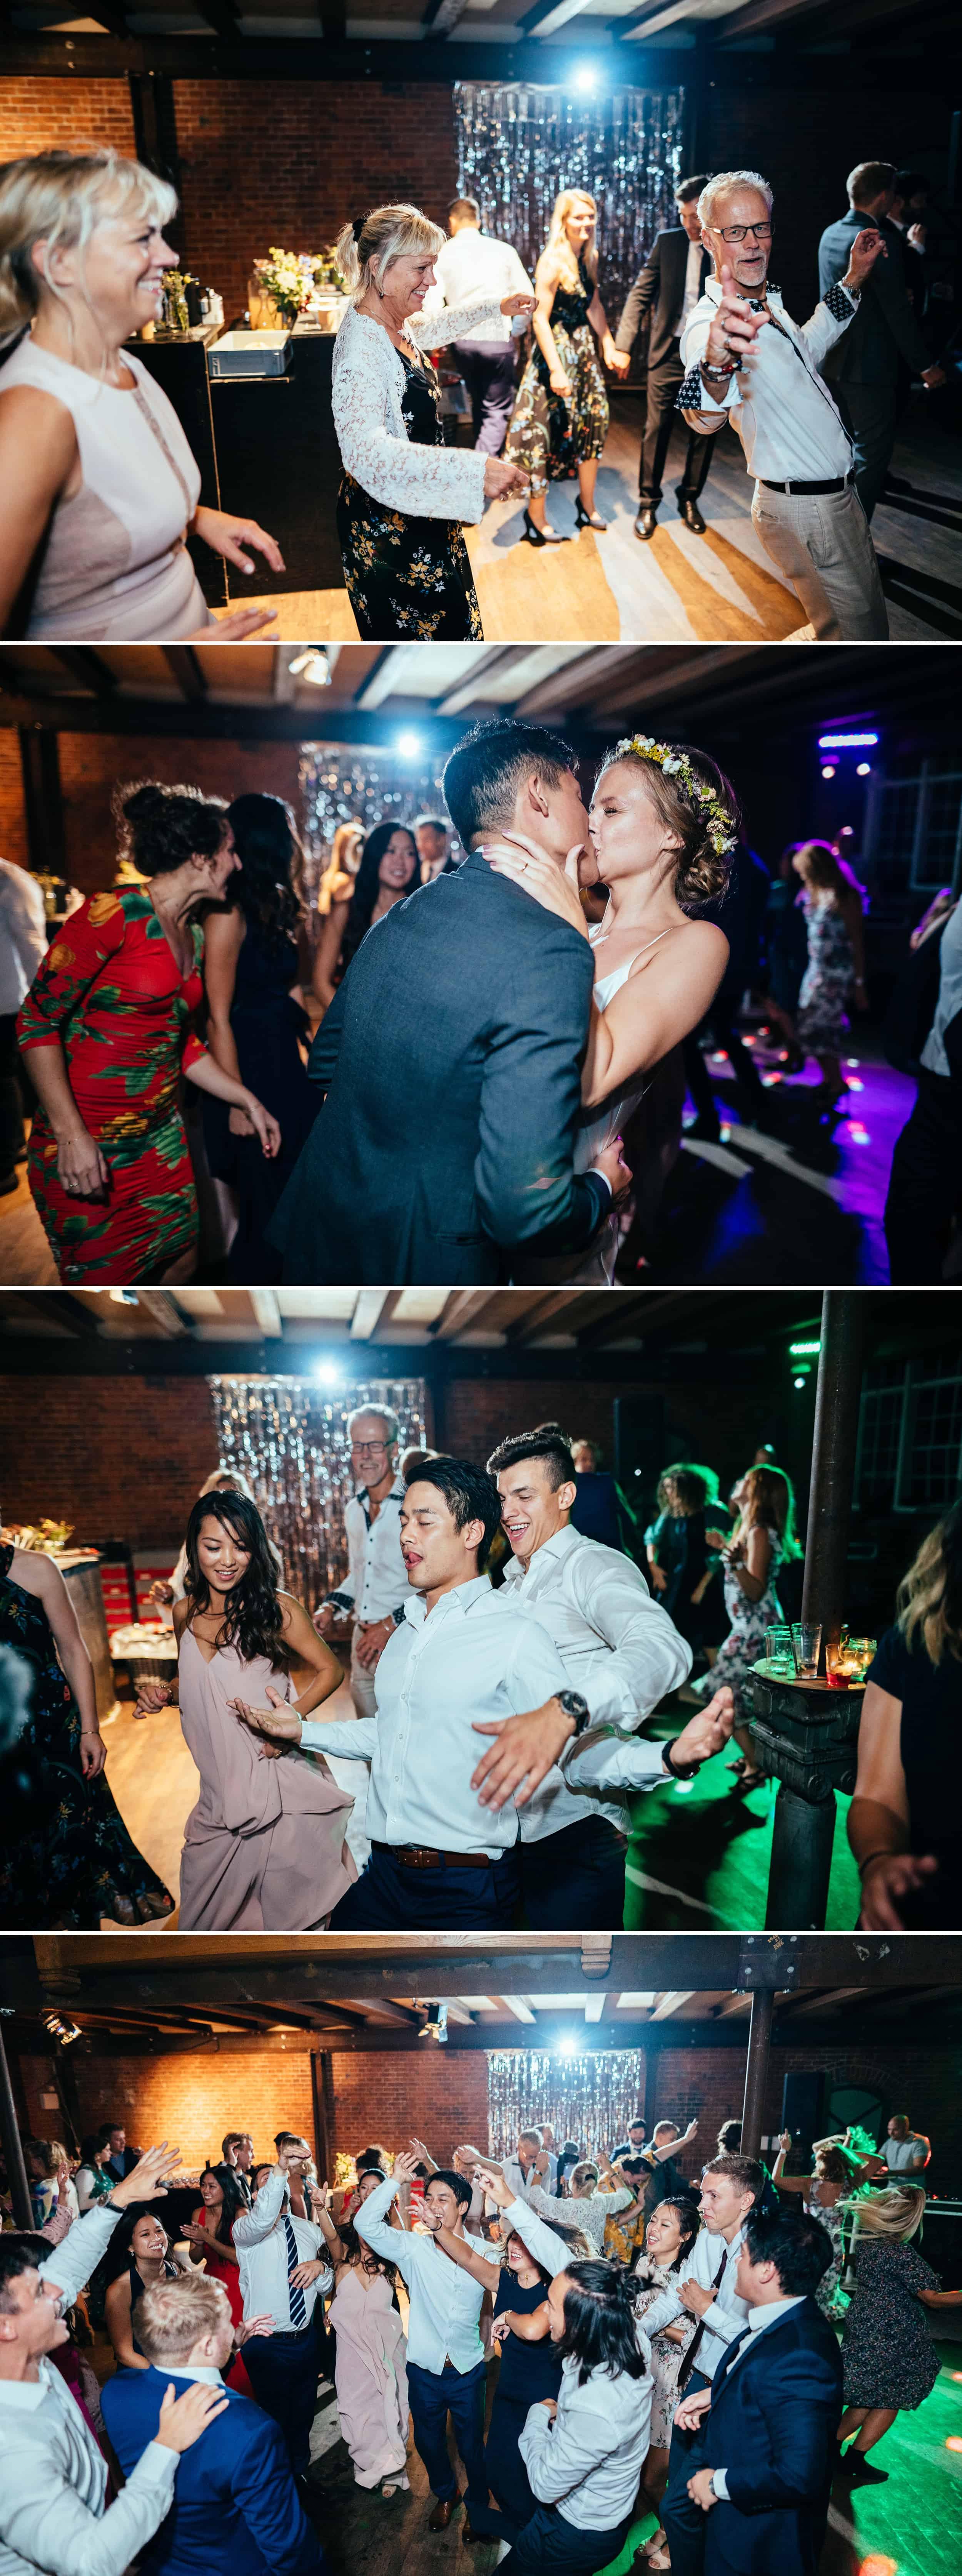 bryllupsfest-med-musik-og-dans.jpg